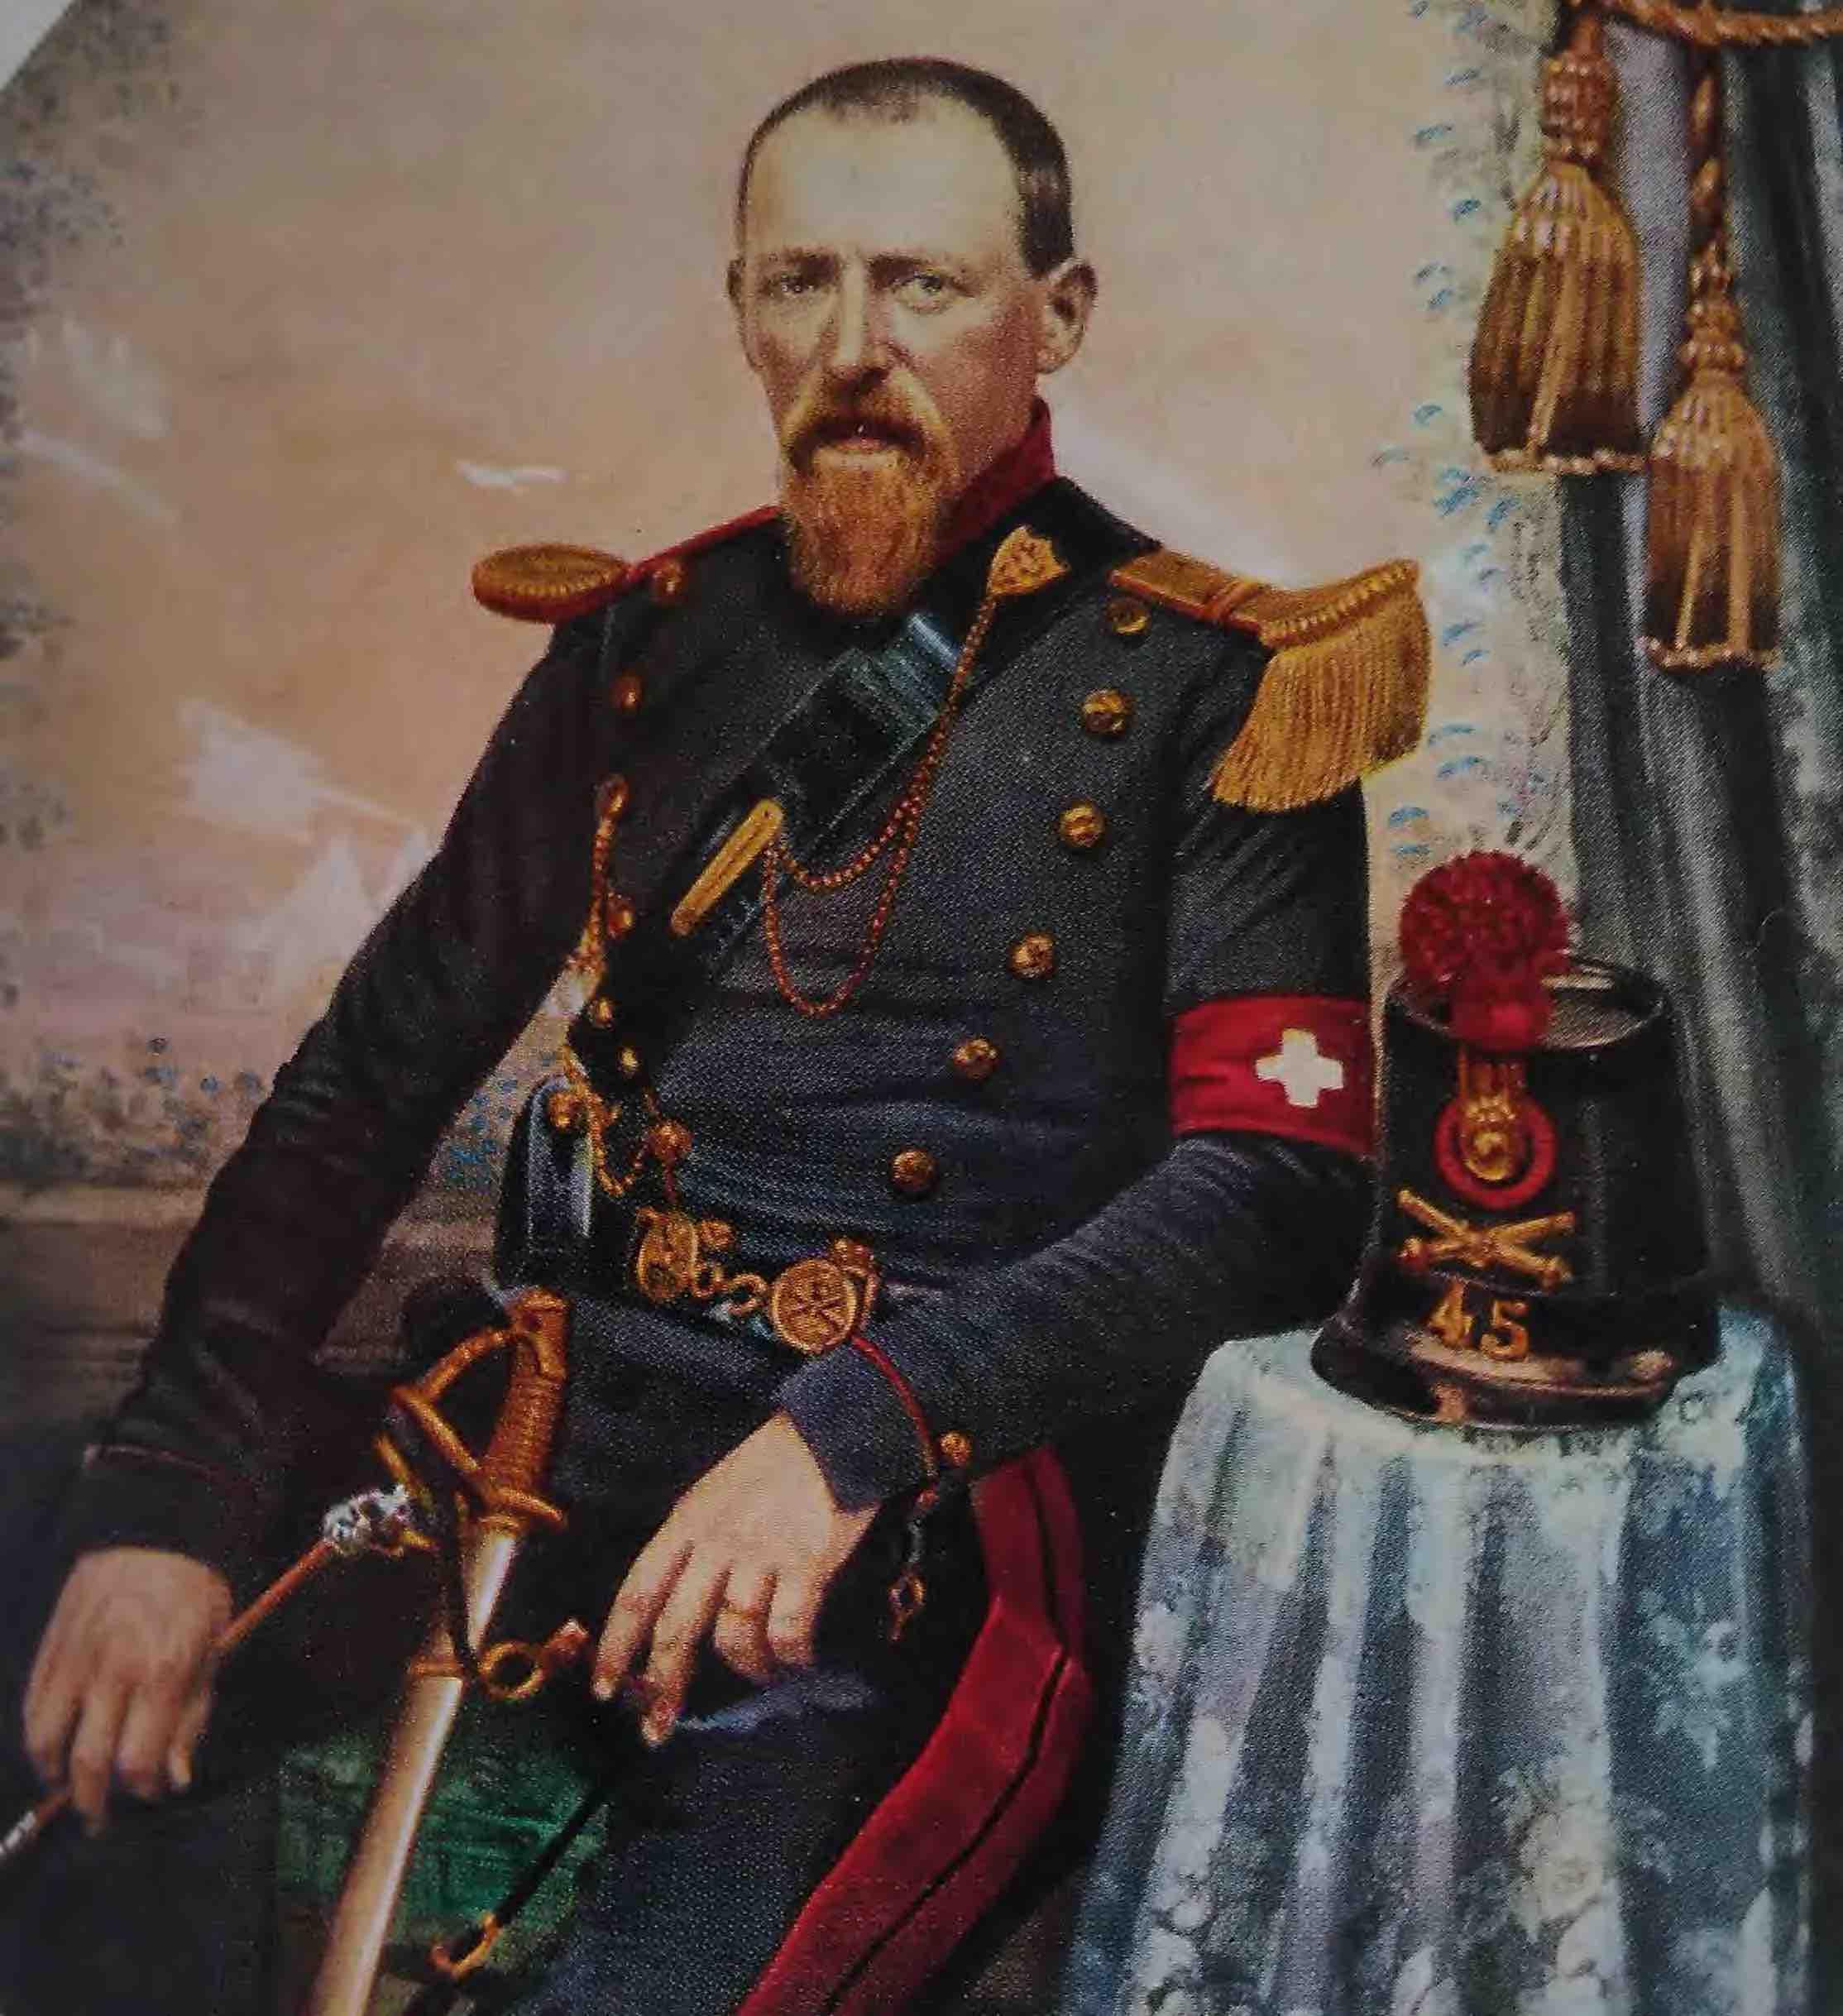 Samuel Rudolf Hektor Egger